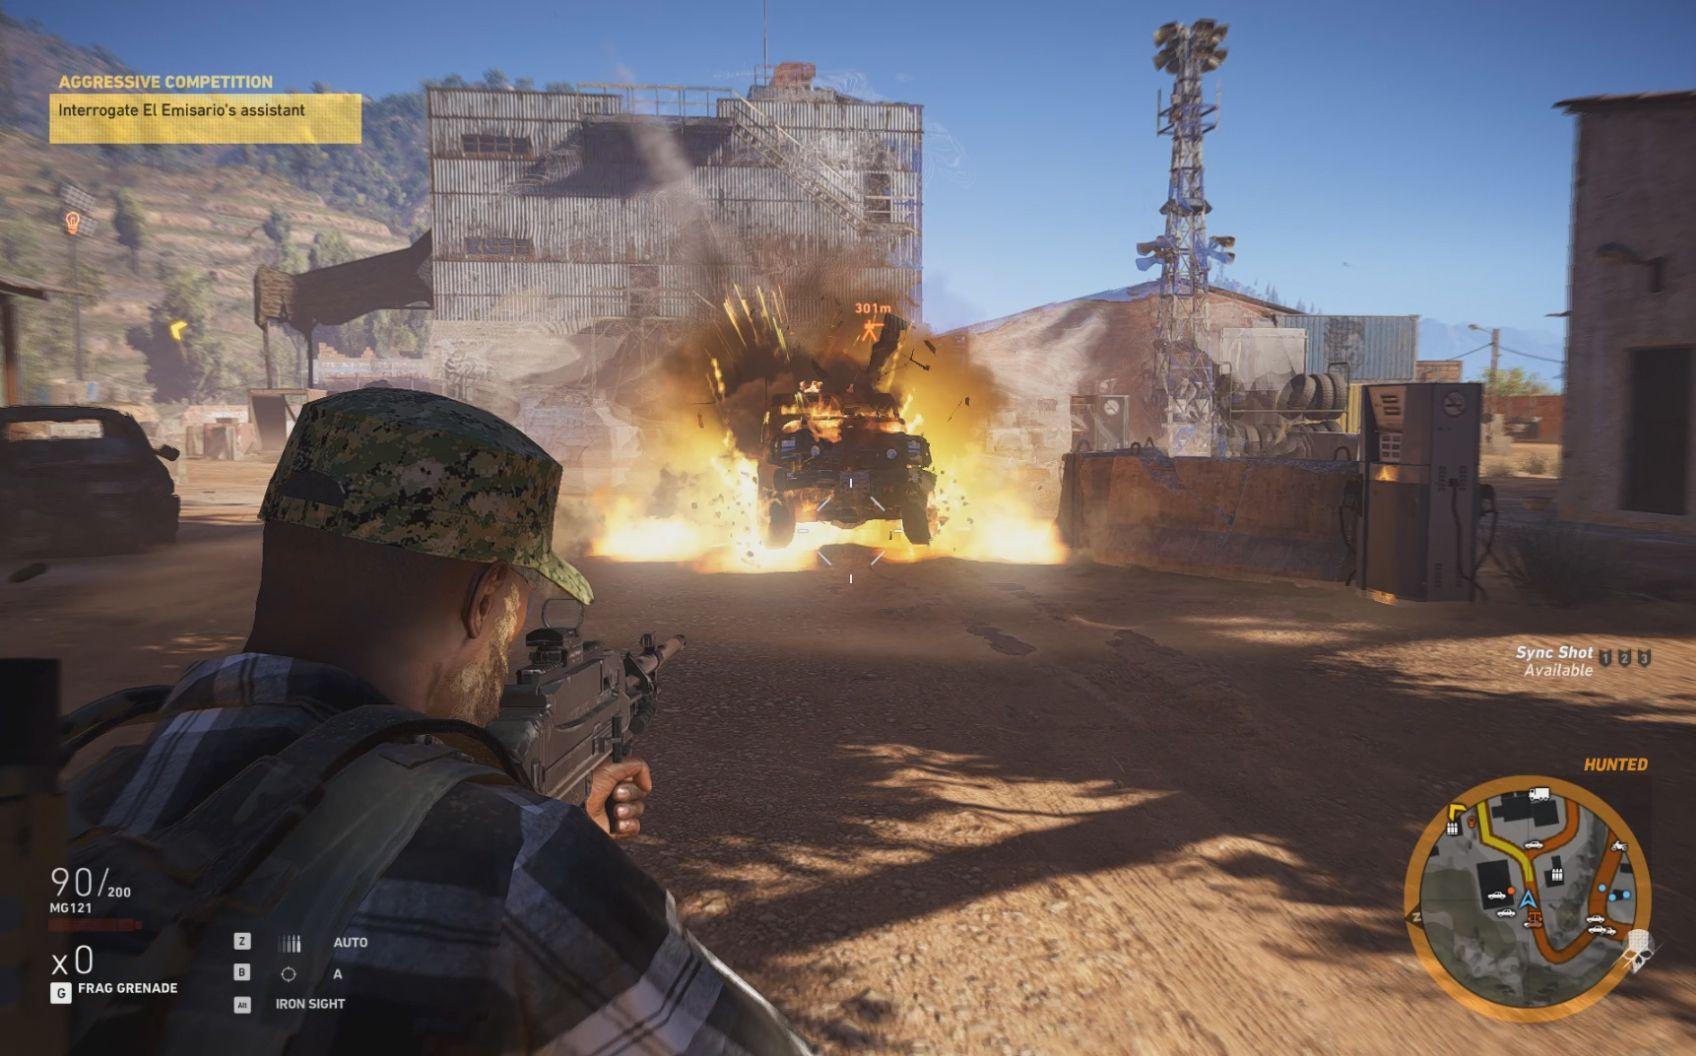 Spillet Ghost Recon Wildlands gir deg en stor, åpen sandkasse å leke deg i, men spillets Echo-system gjør at det allerede er nok klang fra før av, og vi trenger ikke mer fra G433.